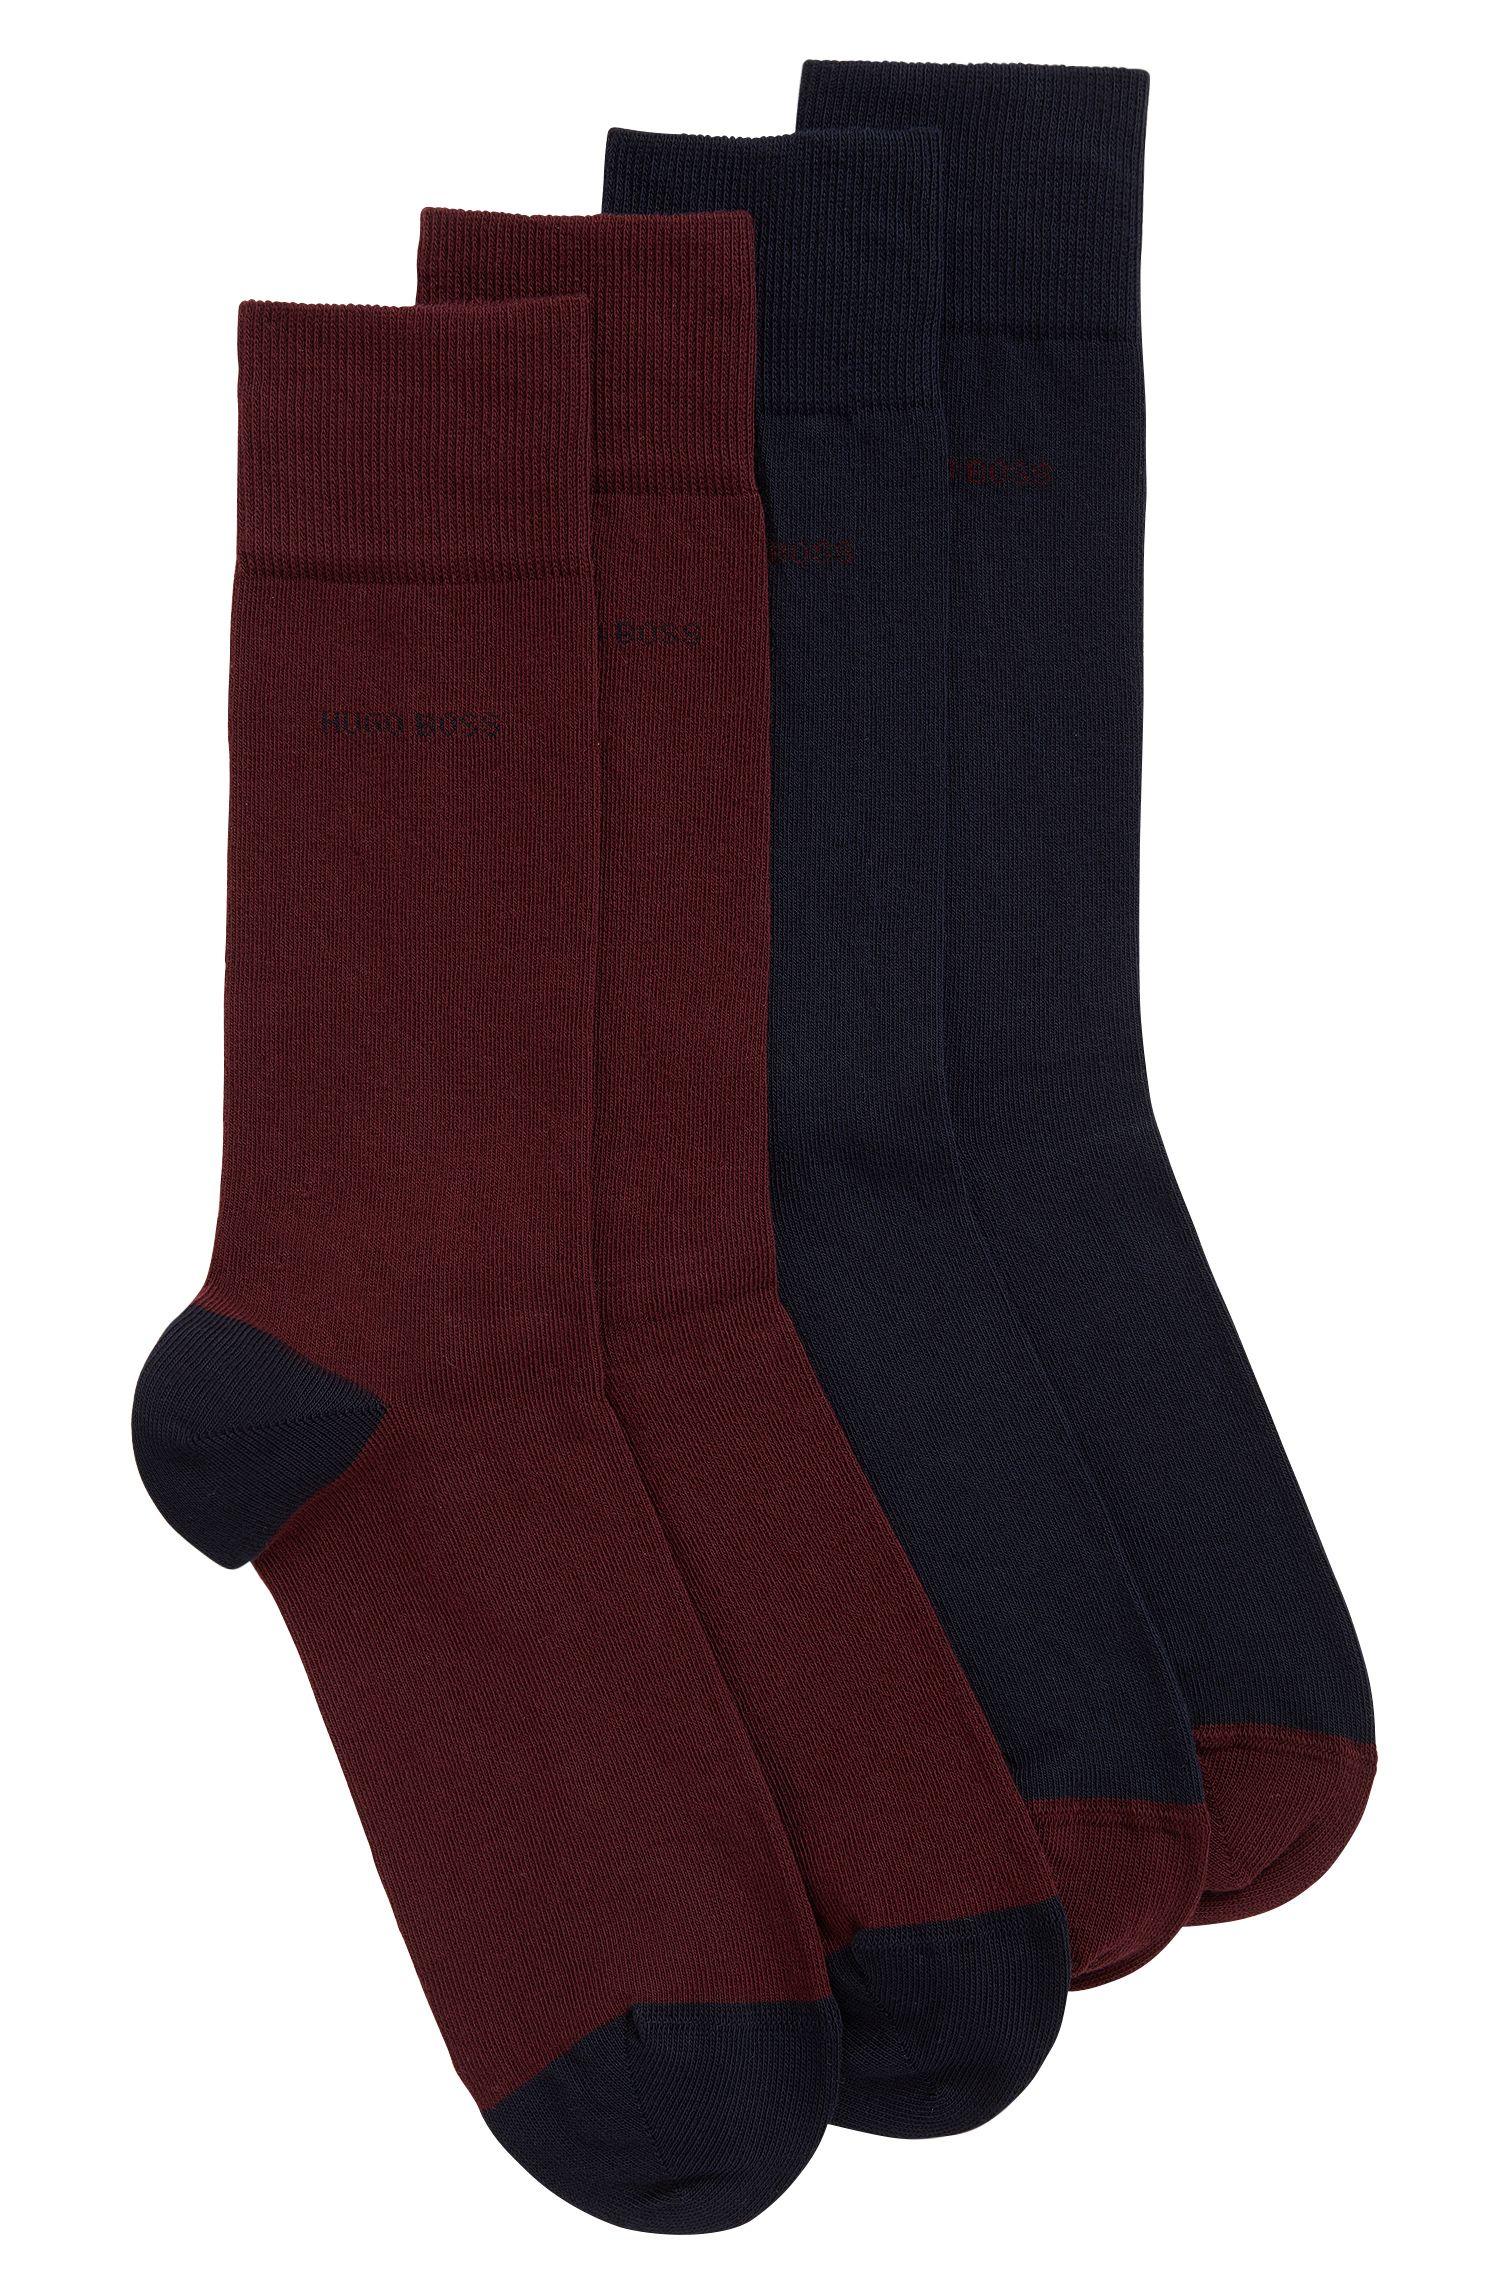 Chaussettes en coton mélangé en lot de deux